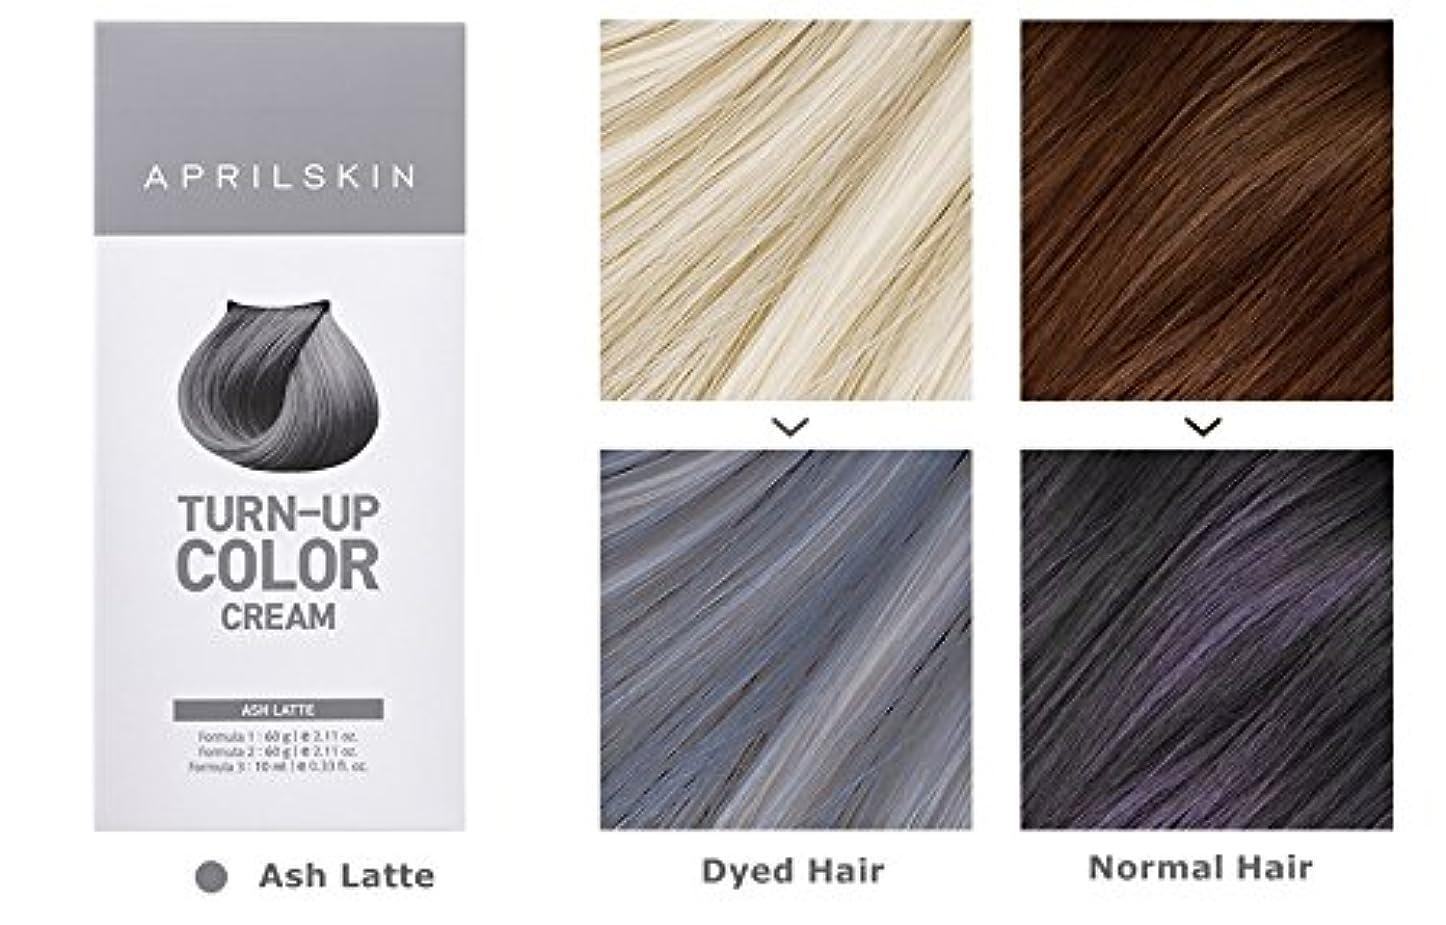 堀中庭ミントApril Skin Turn Up Color Cream Long lasting Texture Type Hair Dye エイプリルスキン ターンアップカラークリーム長持ちテクスチャタイプヘアダイ (紅)